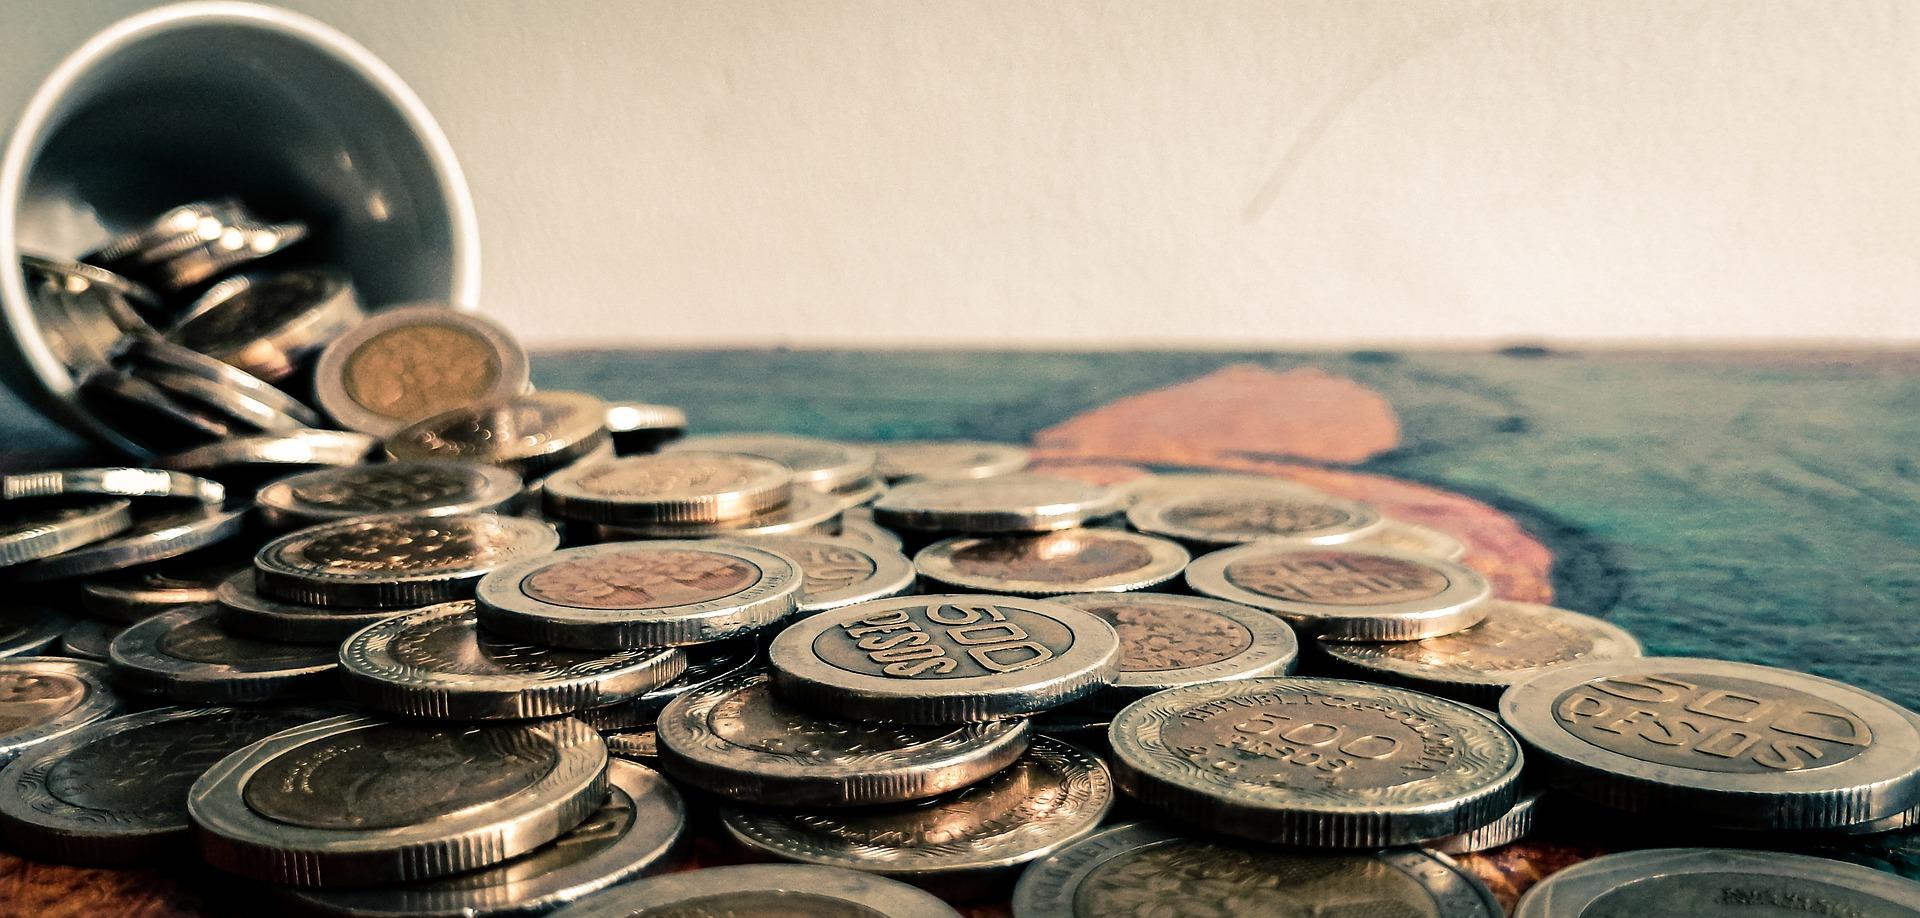 coins-4910732_1920